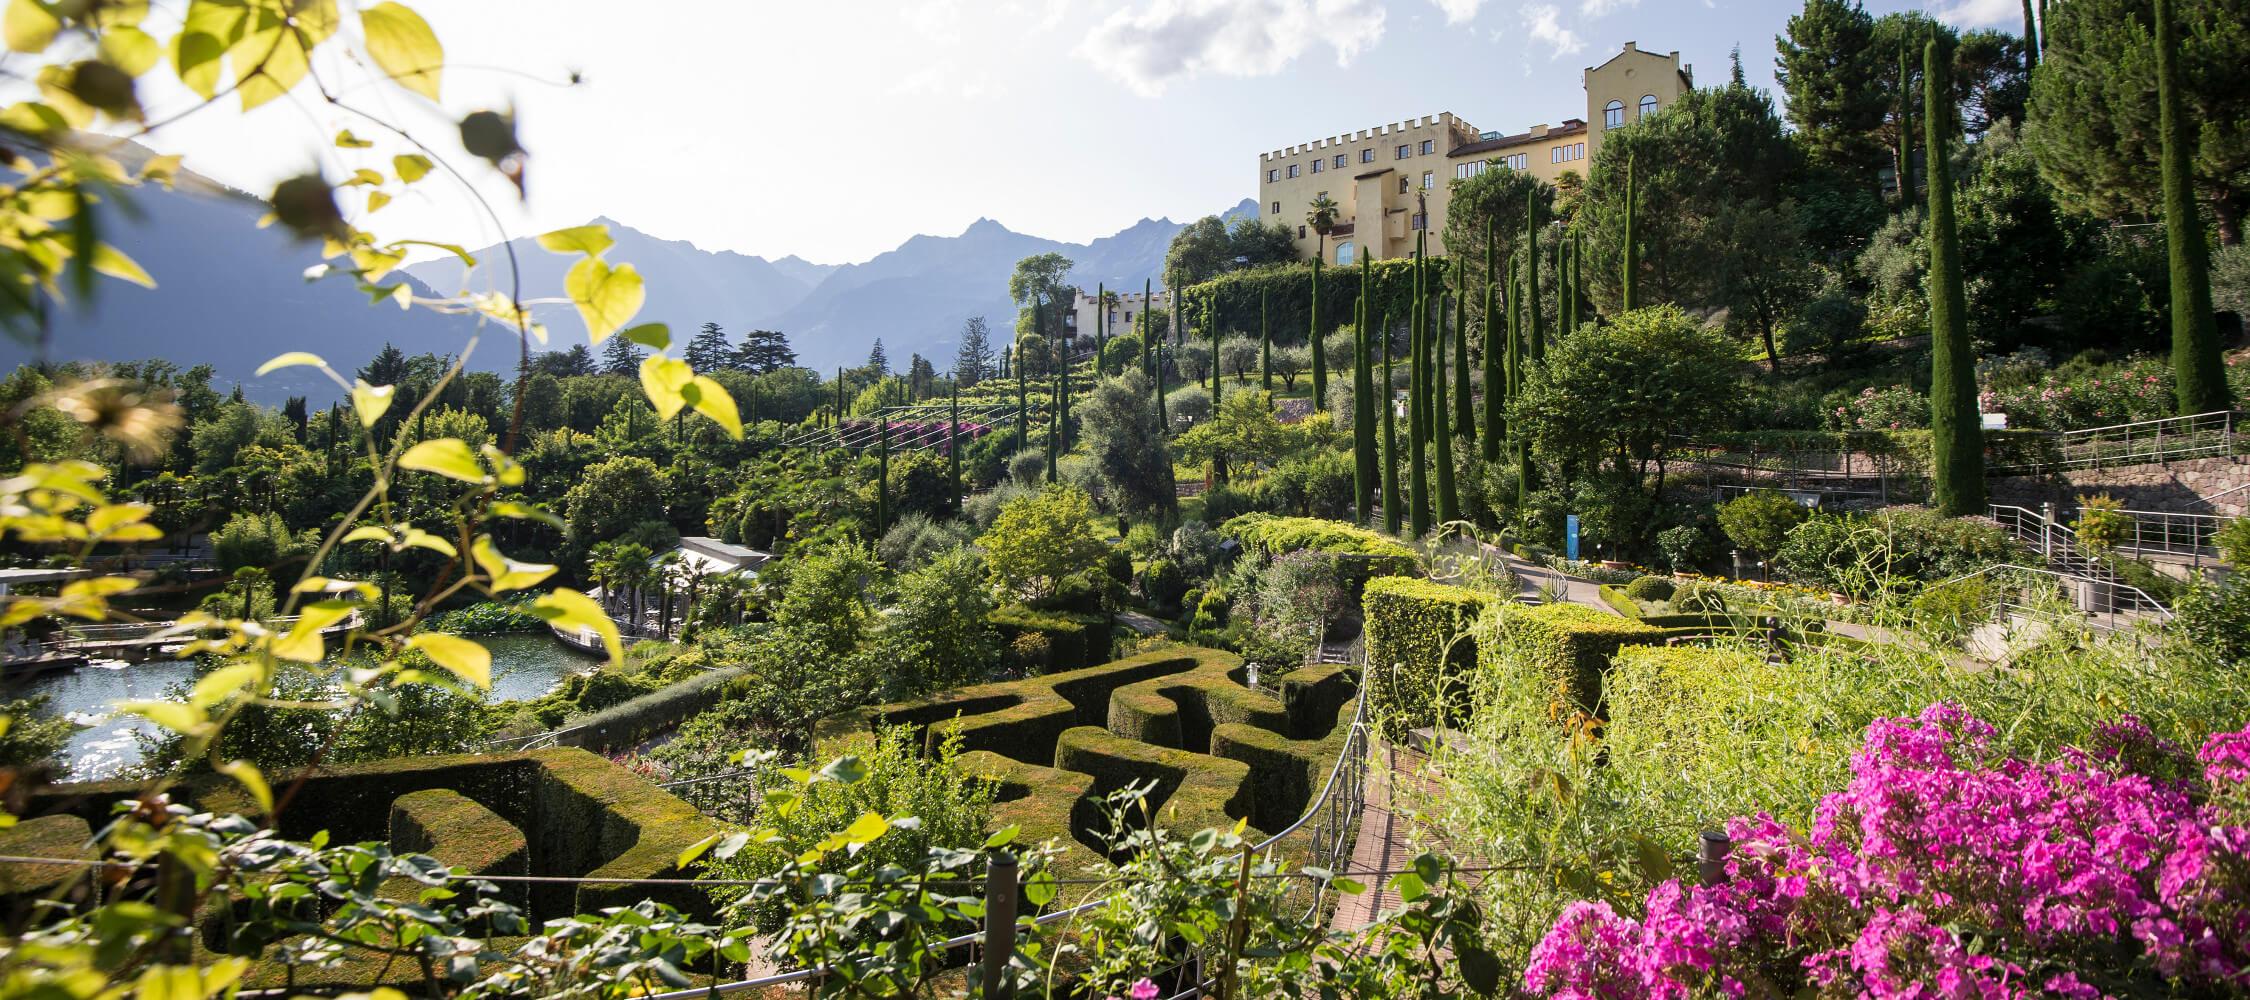 Italien-Trentino_Suedtirol_Alto_Adige_Merano_Meran_Natur_Besichtigen_Botanischer_Garten_Gaerten_von_Schloss_Sommer_MGM-Alex-Filz_mgm01443mgm_2250x1000